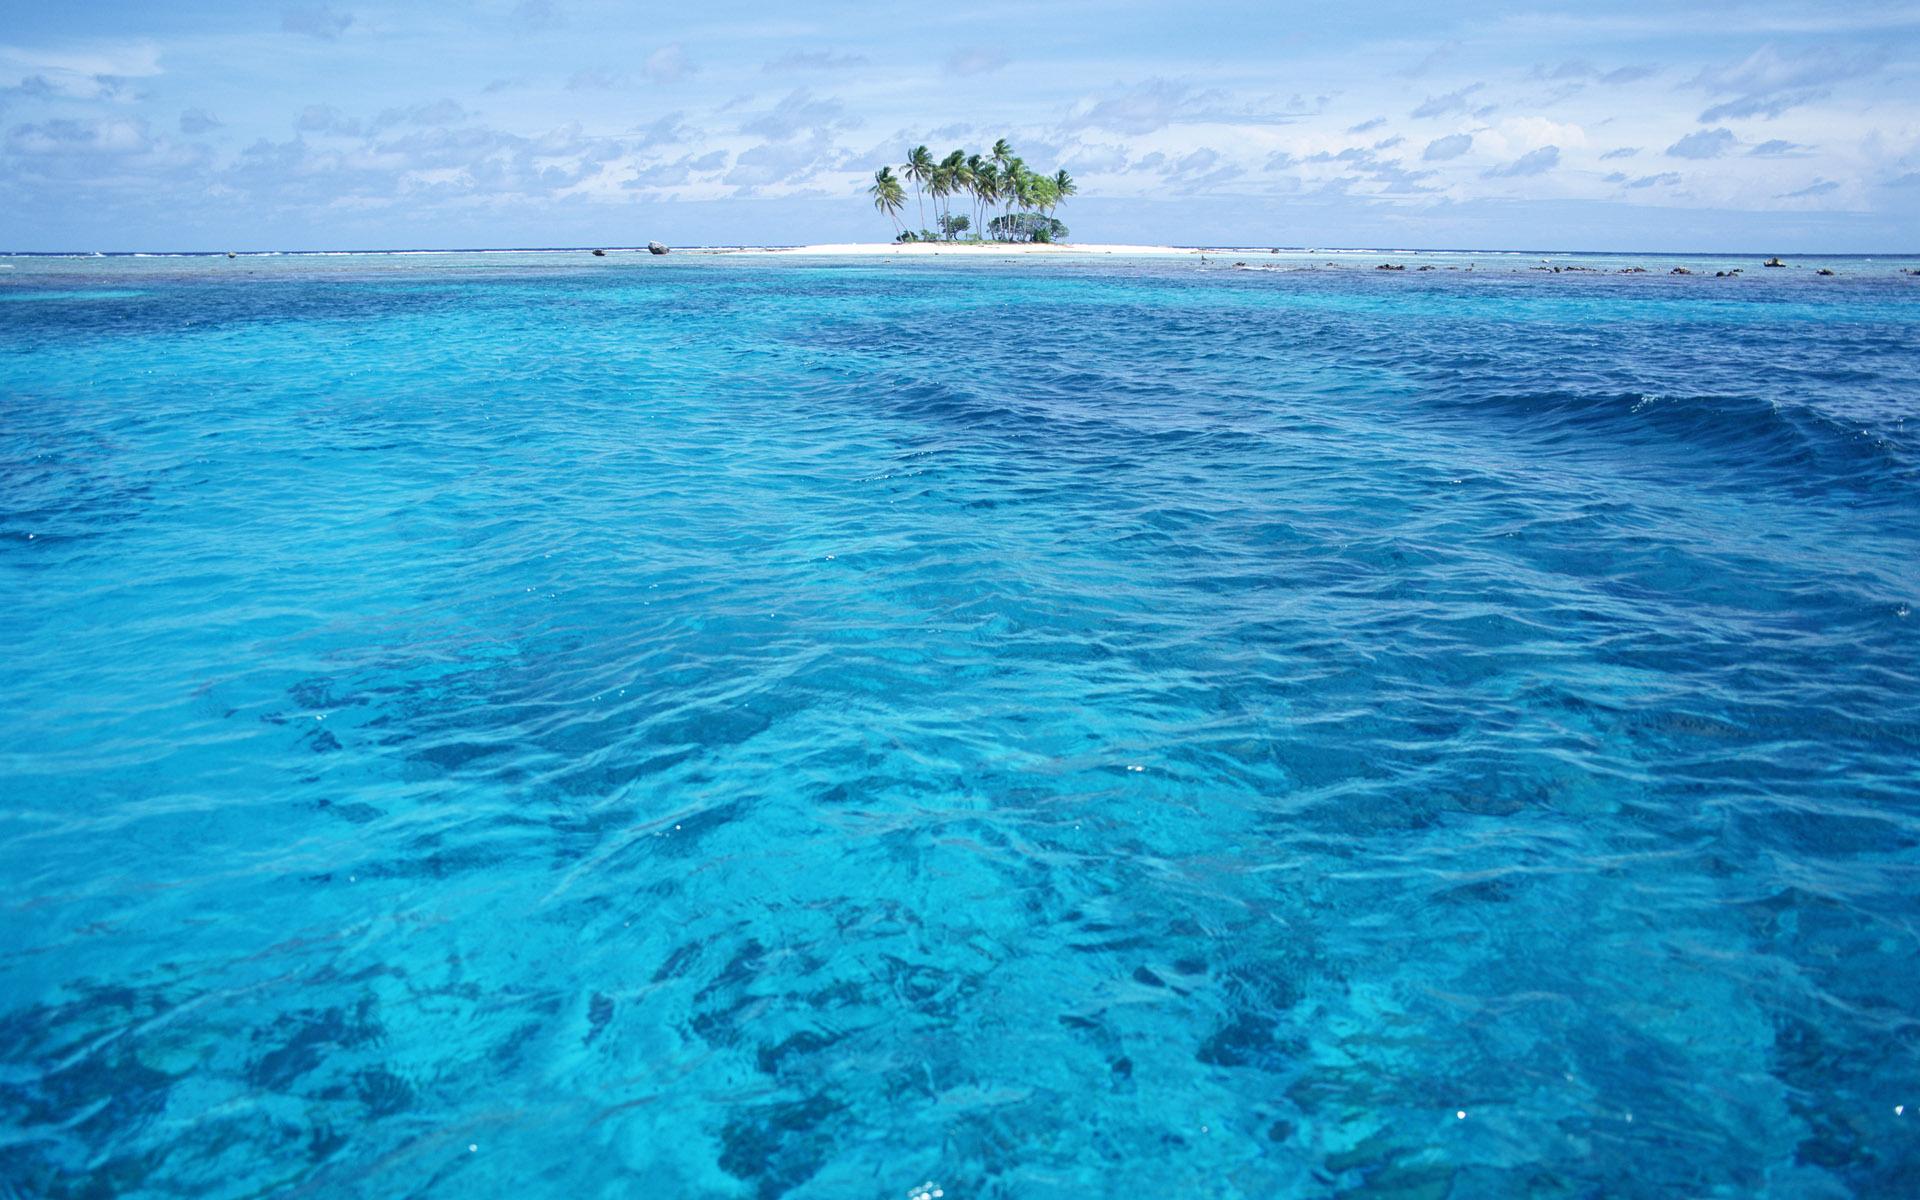 Hawaii Ocean Blue Water Beaches HD Wallpaper for Desktop 1920x1200